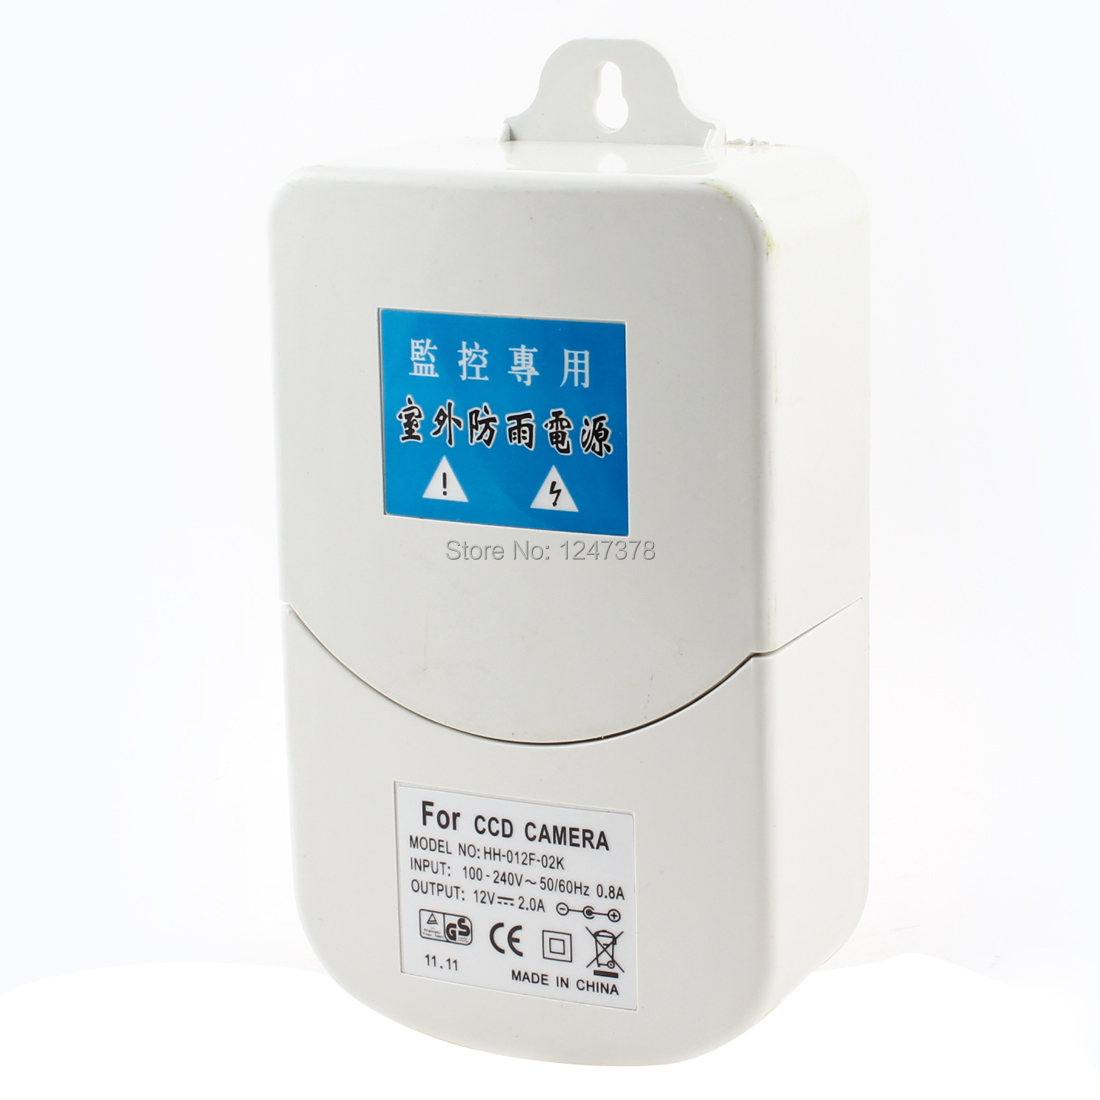 Аксессуары для видеонаблюдения DC 12V 2A 100/240vac CCD аксессуары для видеонаблюдения 12v